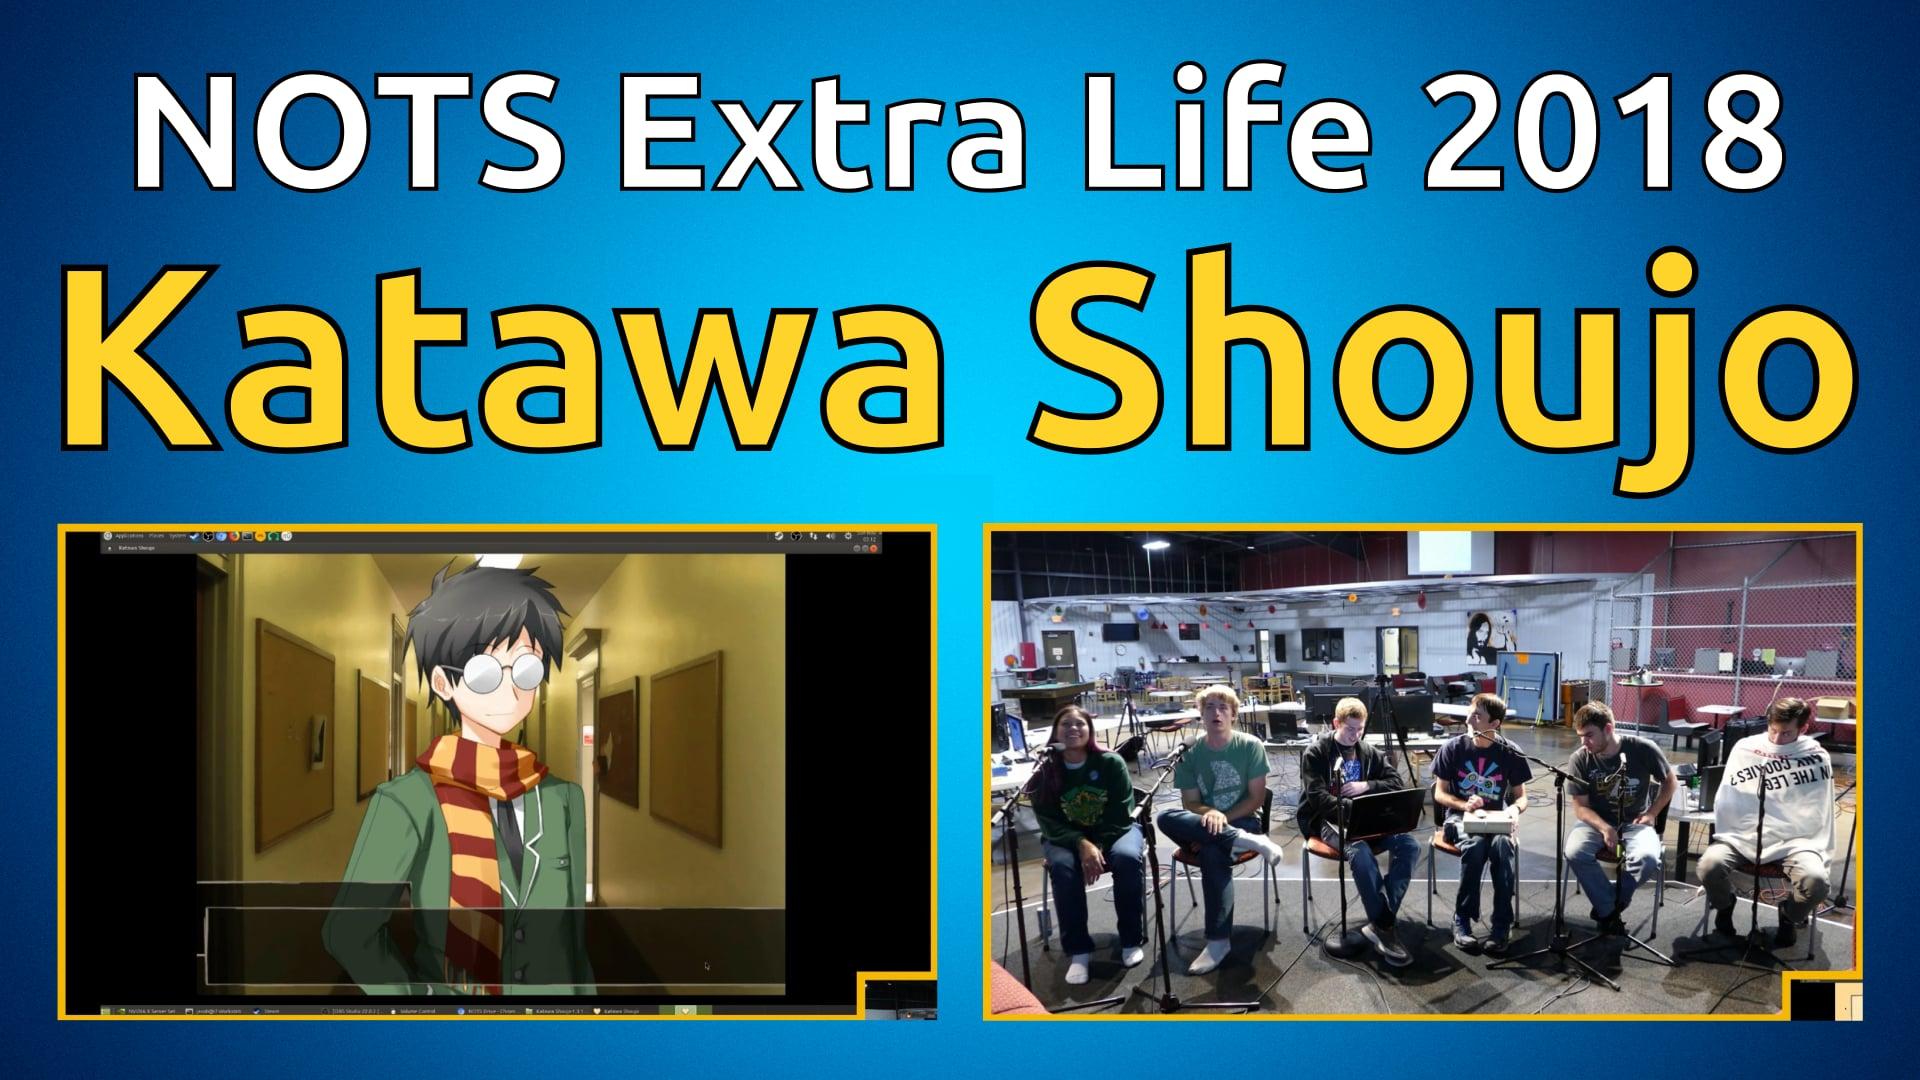 Katawa Shoujo - NOTS Extra Life 2018